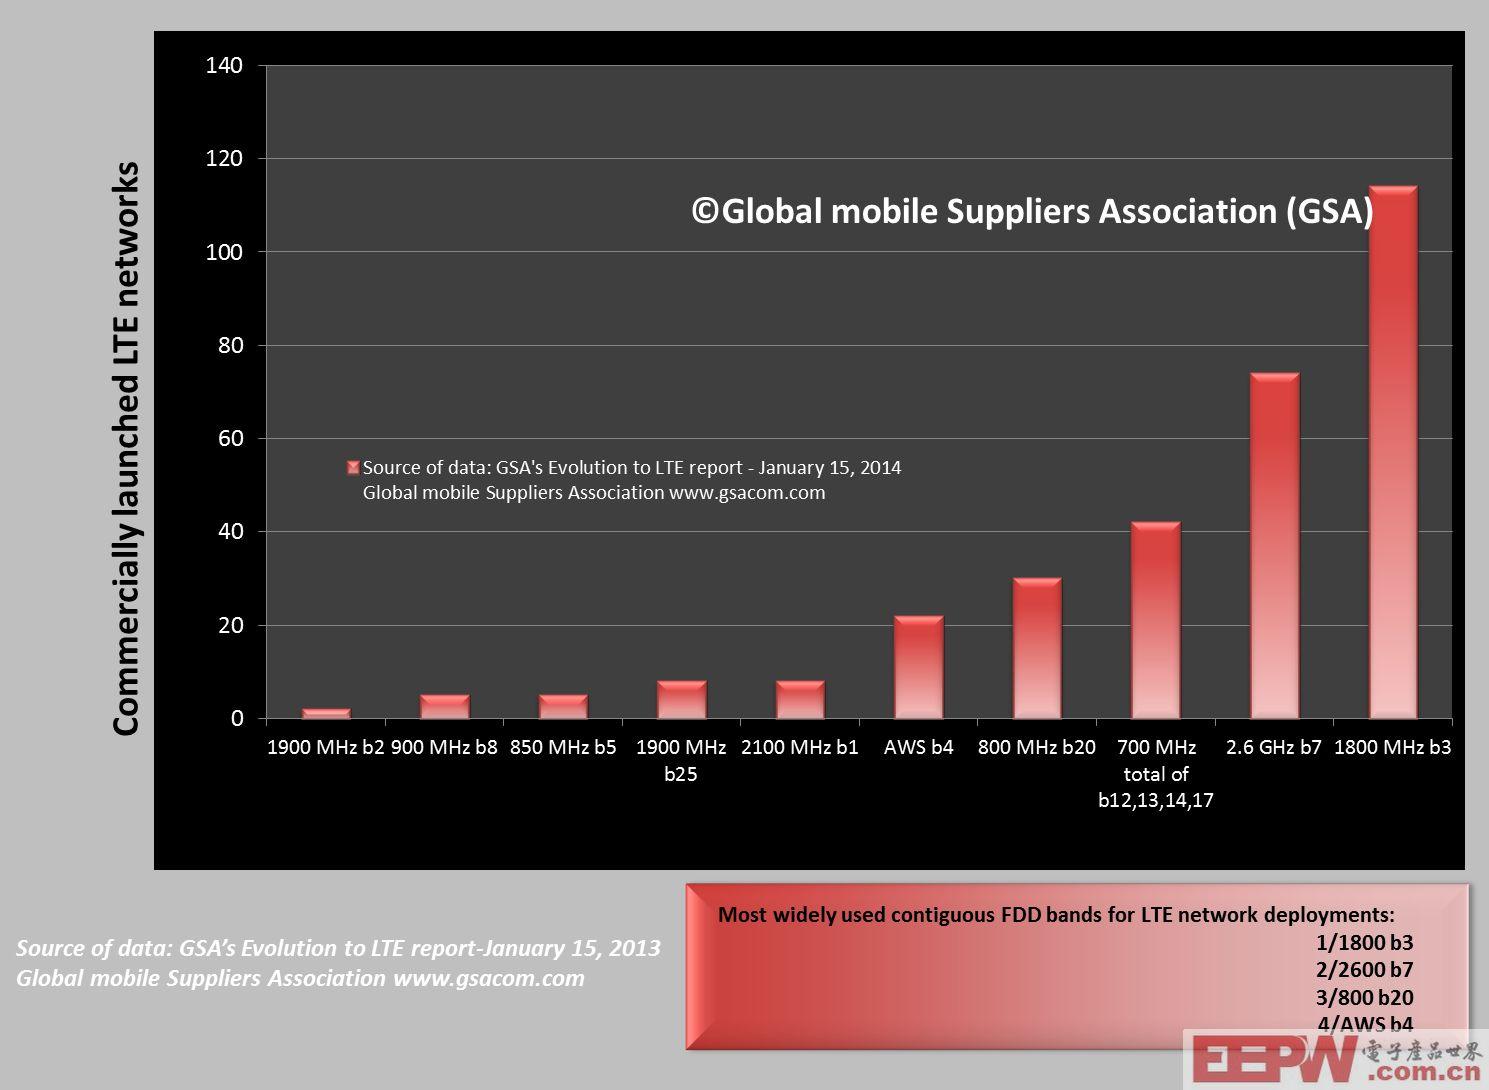 一种全频段LTE数据产品应用策略方案